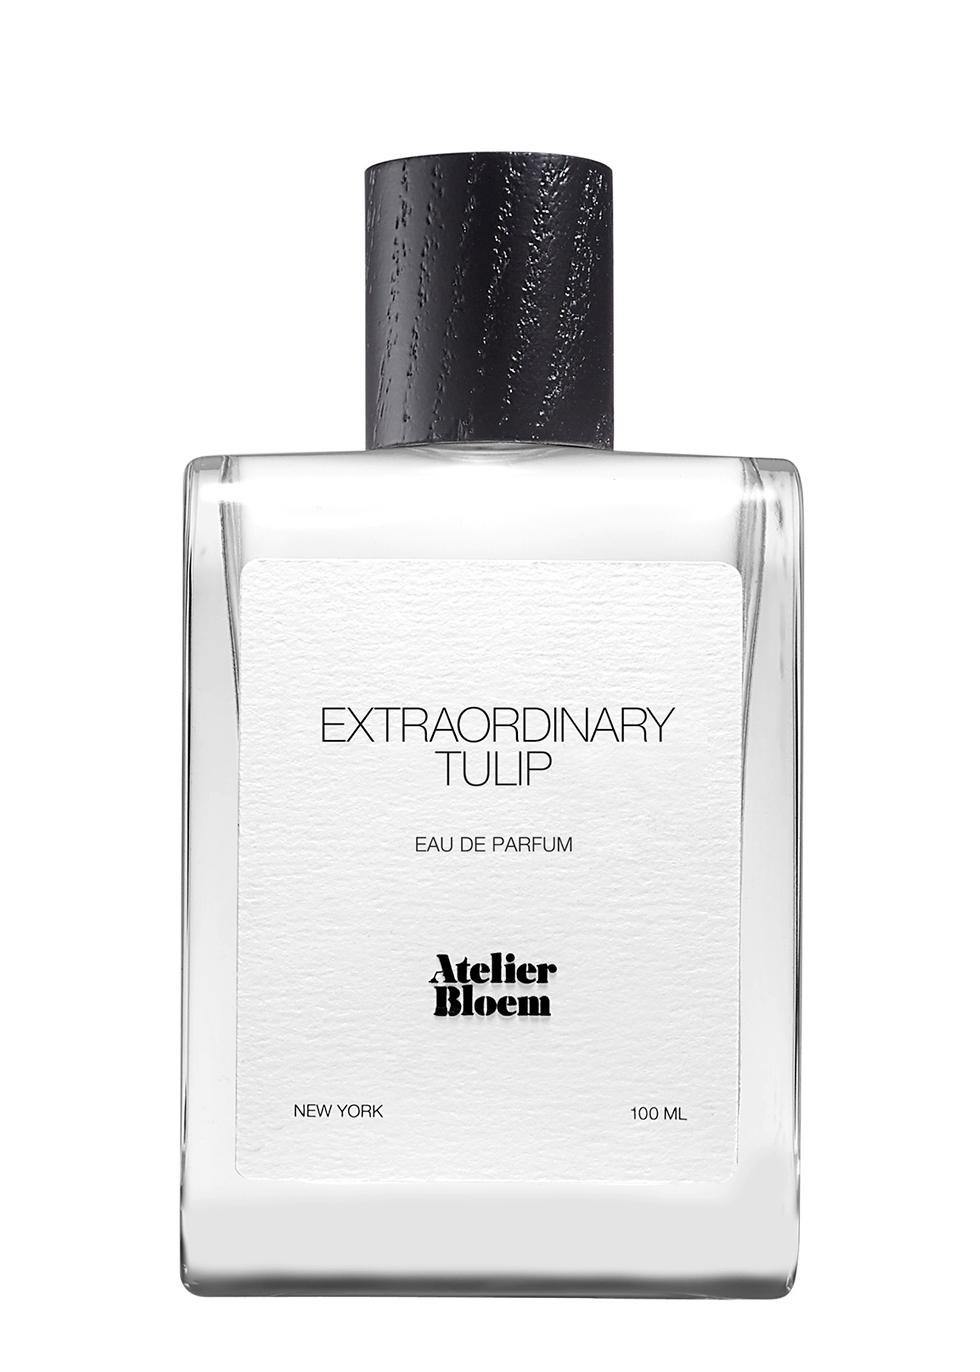 Extraordinary Tulip Eau De Parfum 100ml - ATELIER BLOEM